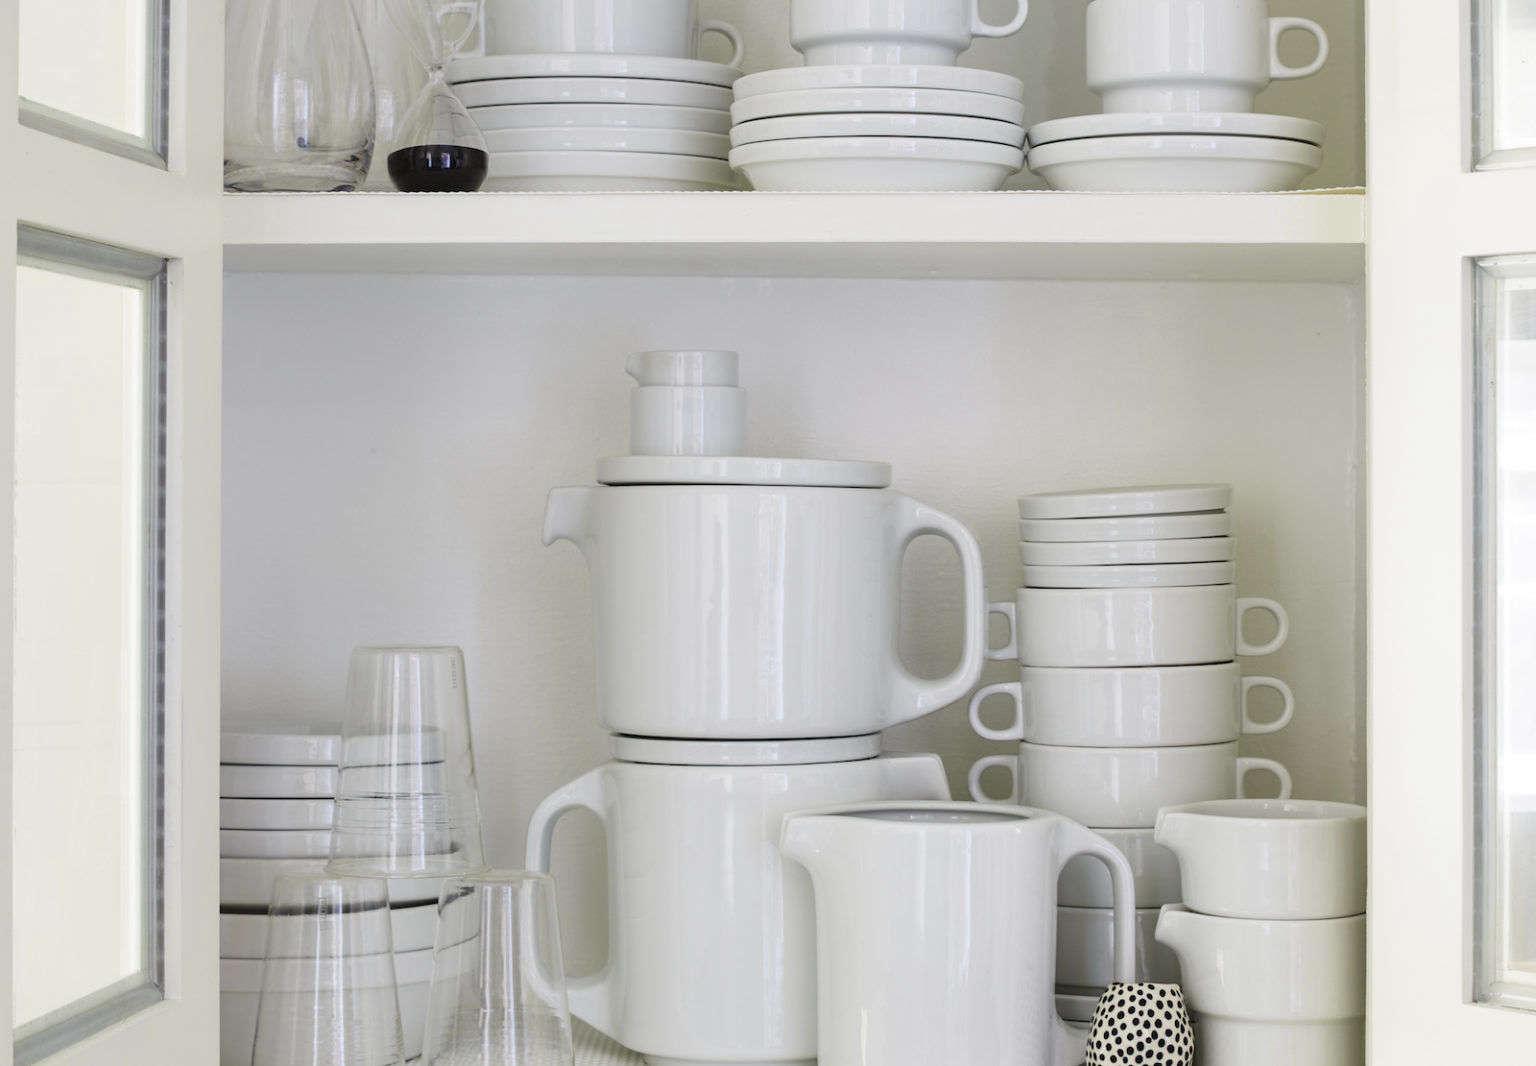 Matthew Axe Jackson Heights Eric Piasecki Kitchen Cupboard